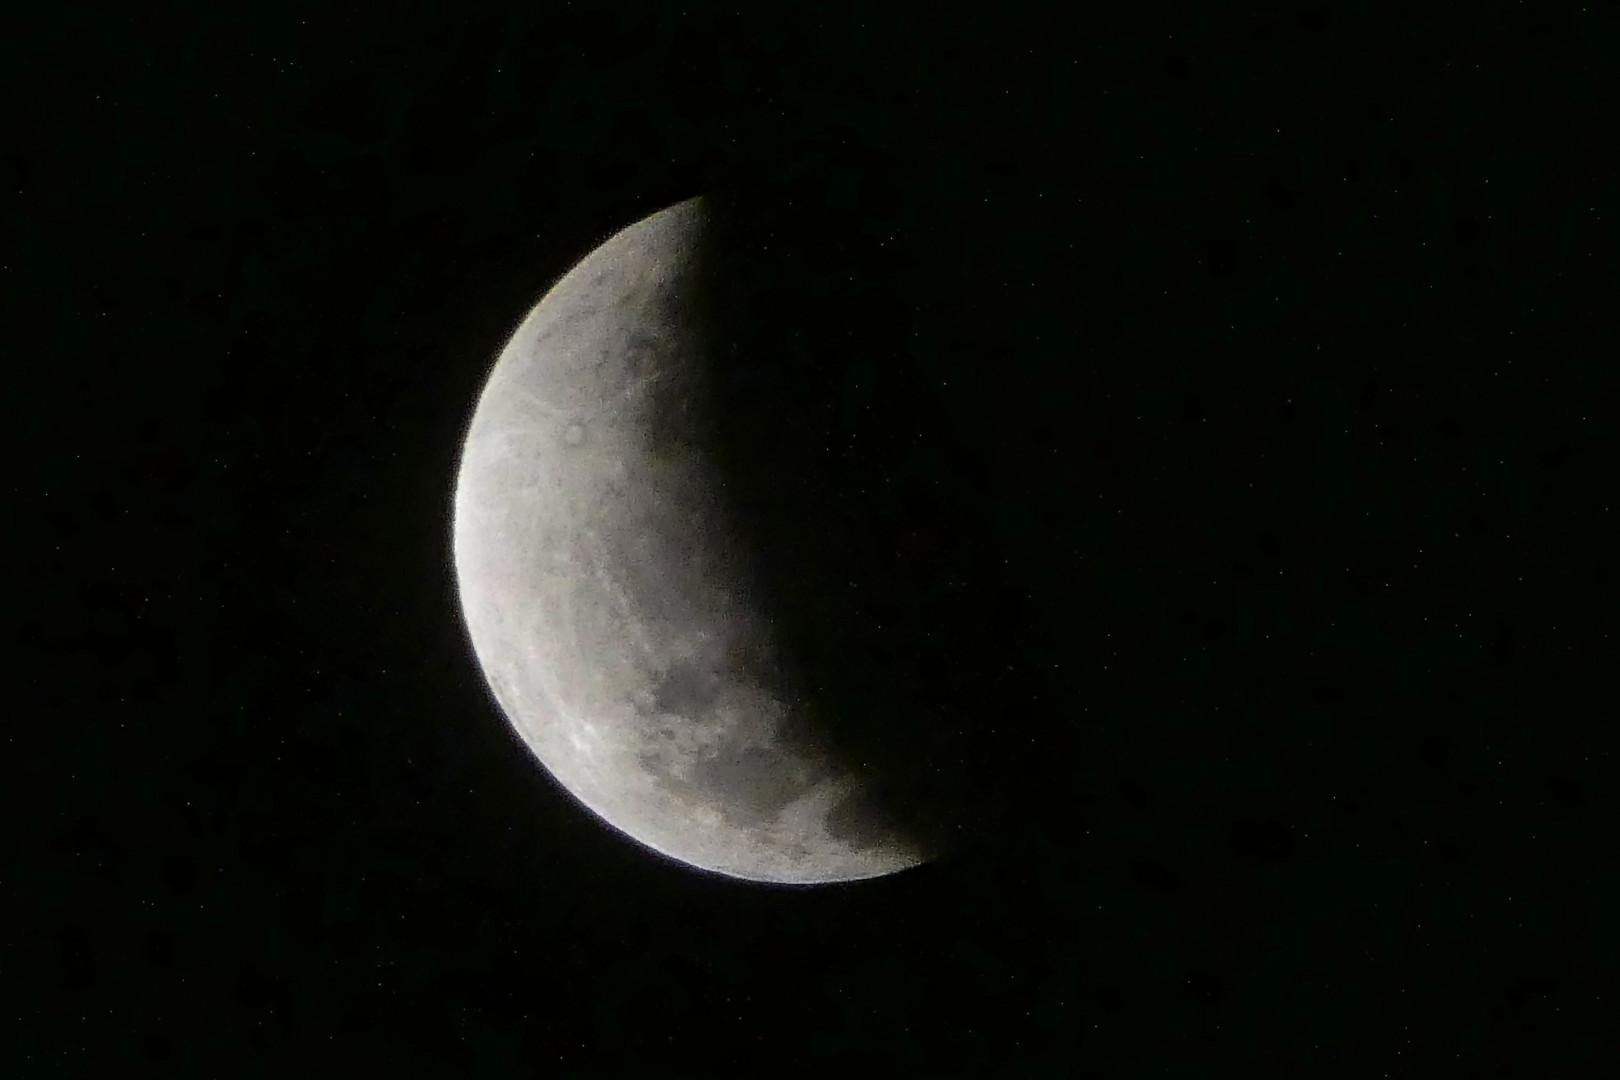 L'éclipse de Lune vue le 17 juillet 2019 depuis Jakarta, en Indonésie